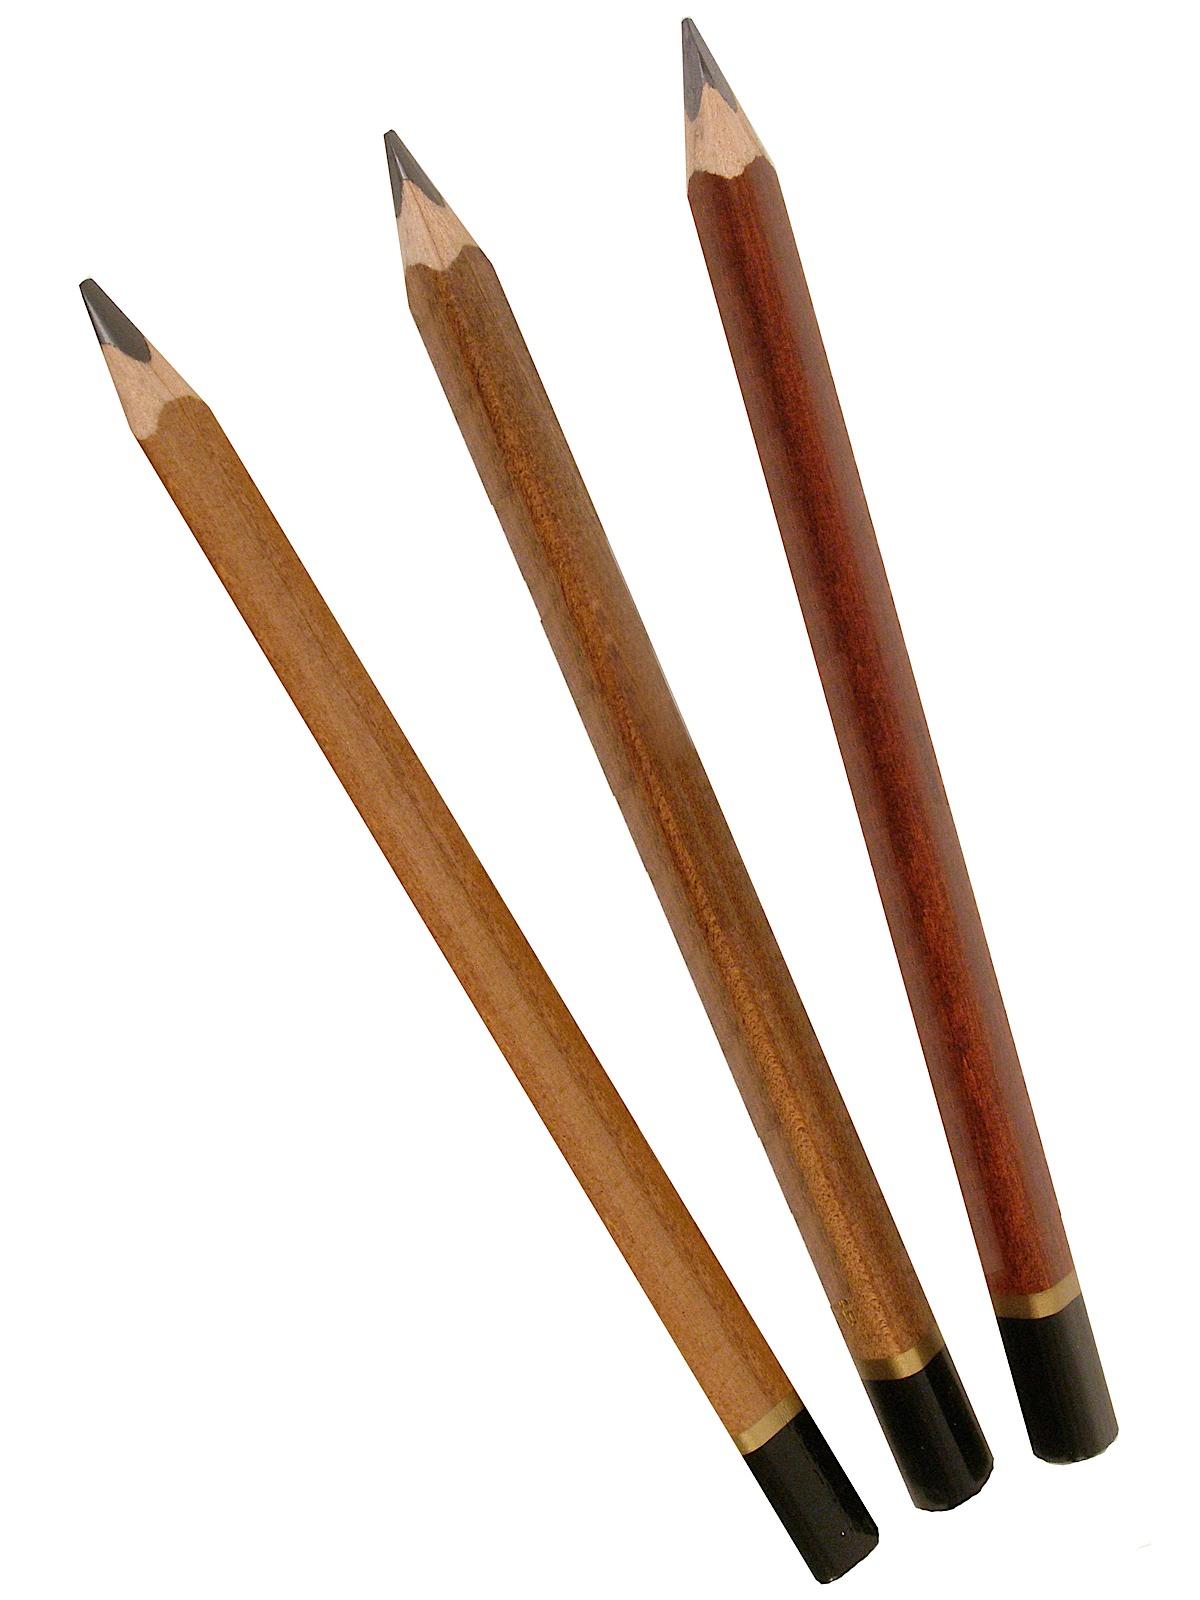 Koh I Noor Triograph Three Sided Pencil Misterart Com